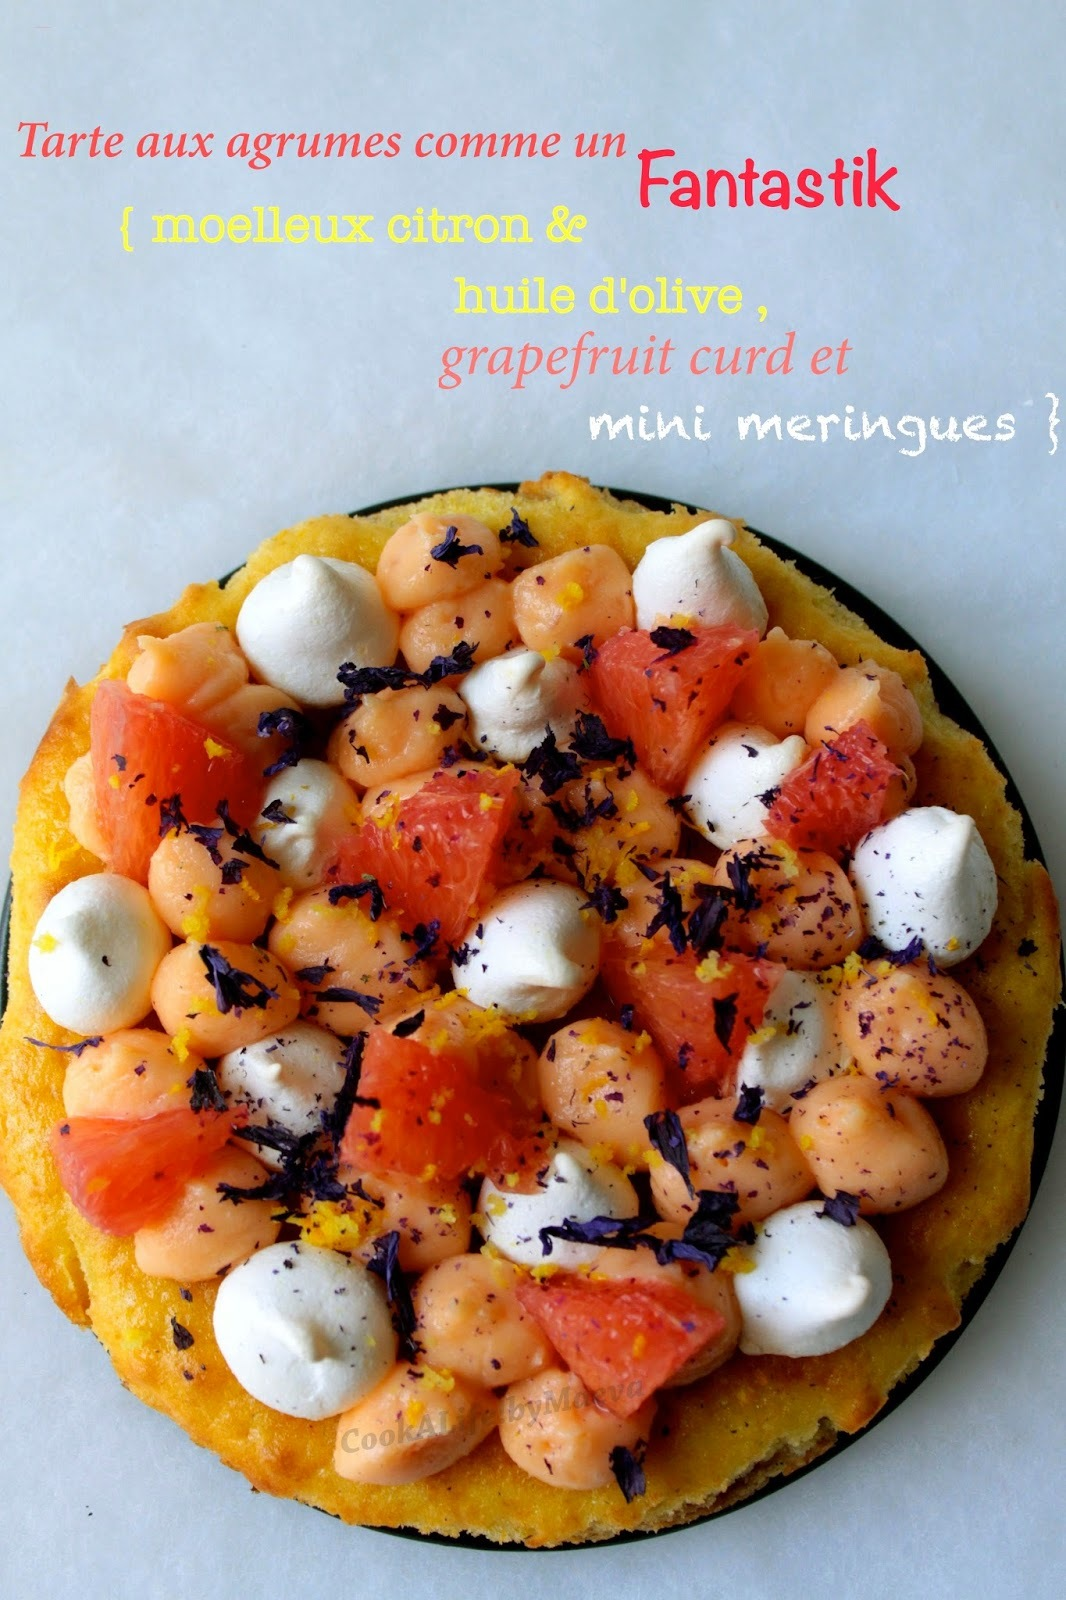 Tarte aux agrumes comme un Fantastik { grapefruit curd, citron, huile d'olive et mini meringues } - Bataille Food #20